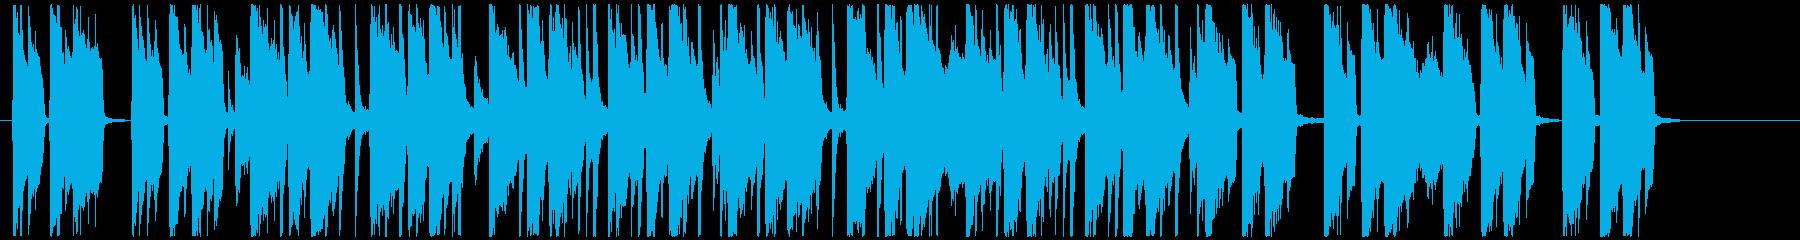 汎用性の高い使いやすいポップフュージョンの再生済みの波形